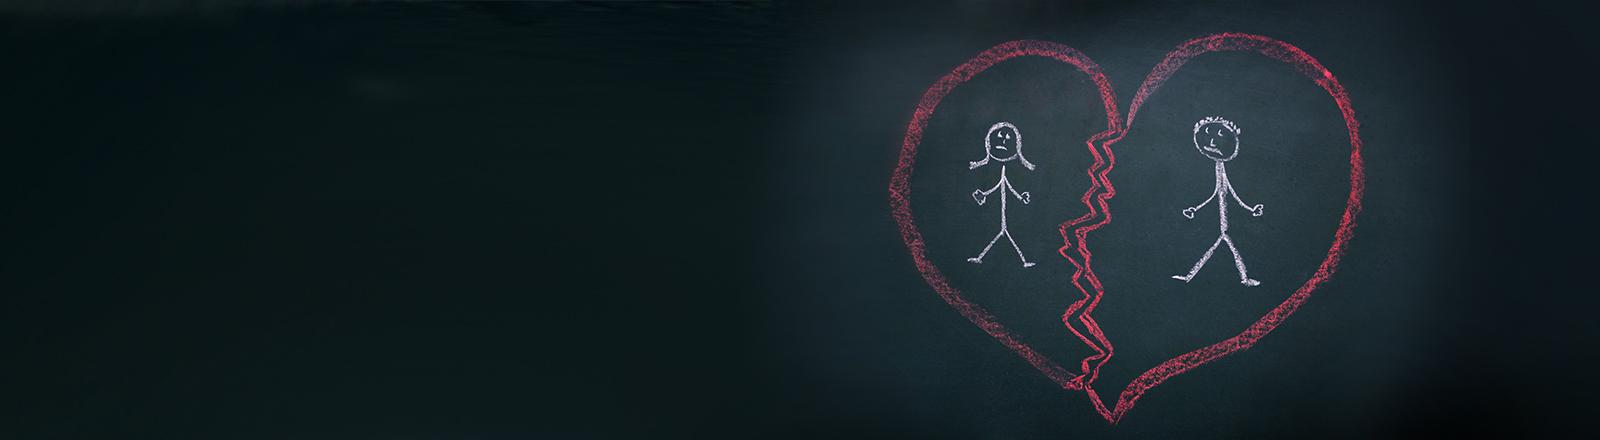 Ein zerbrochenes Herz mit zwei Strichmännchen darin ist mit Kreide auf eine schwarze Tafel gemalt.